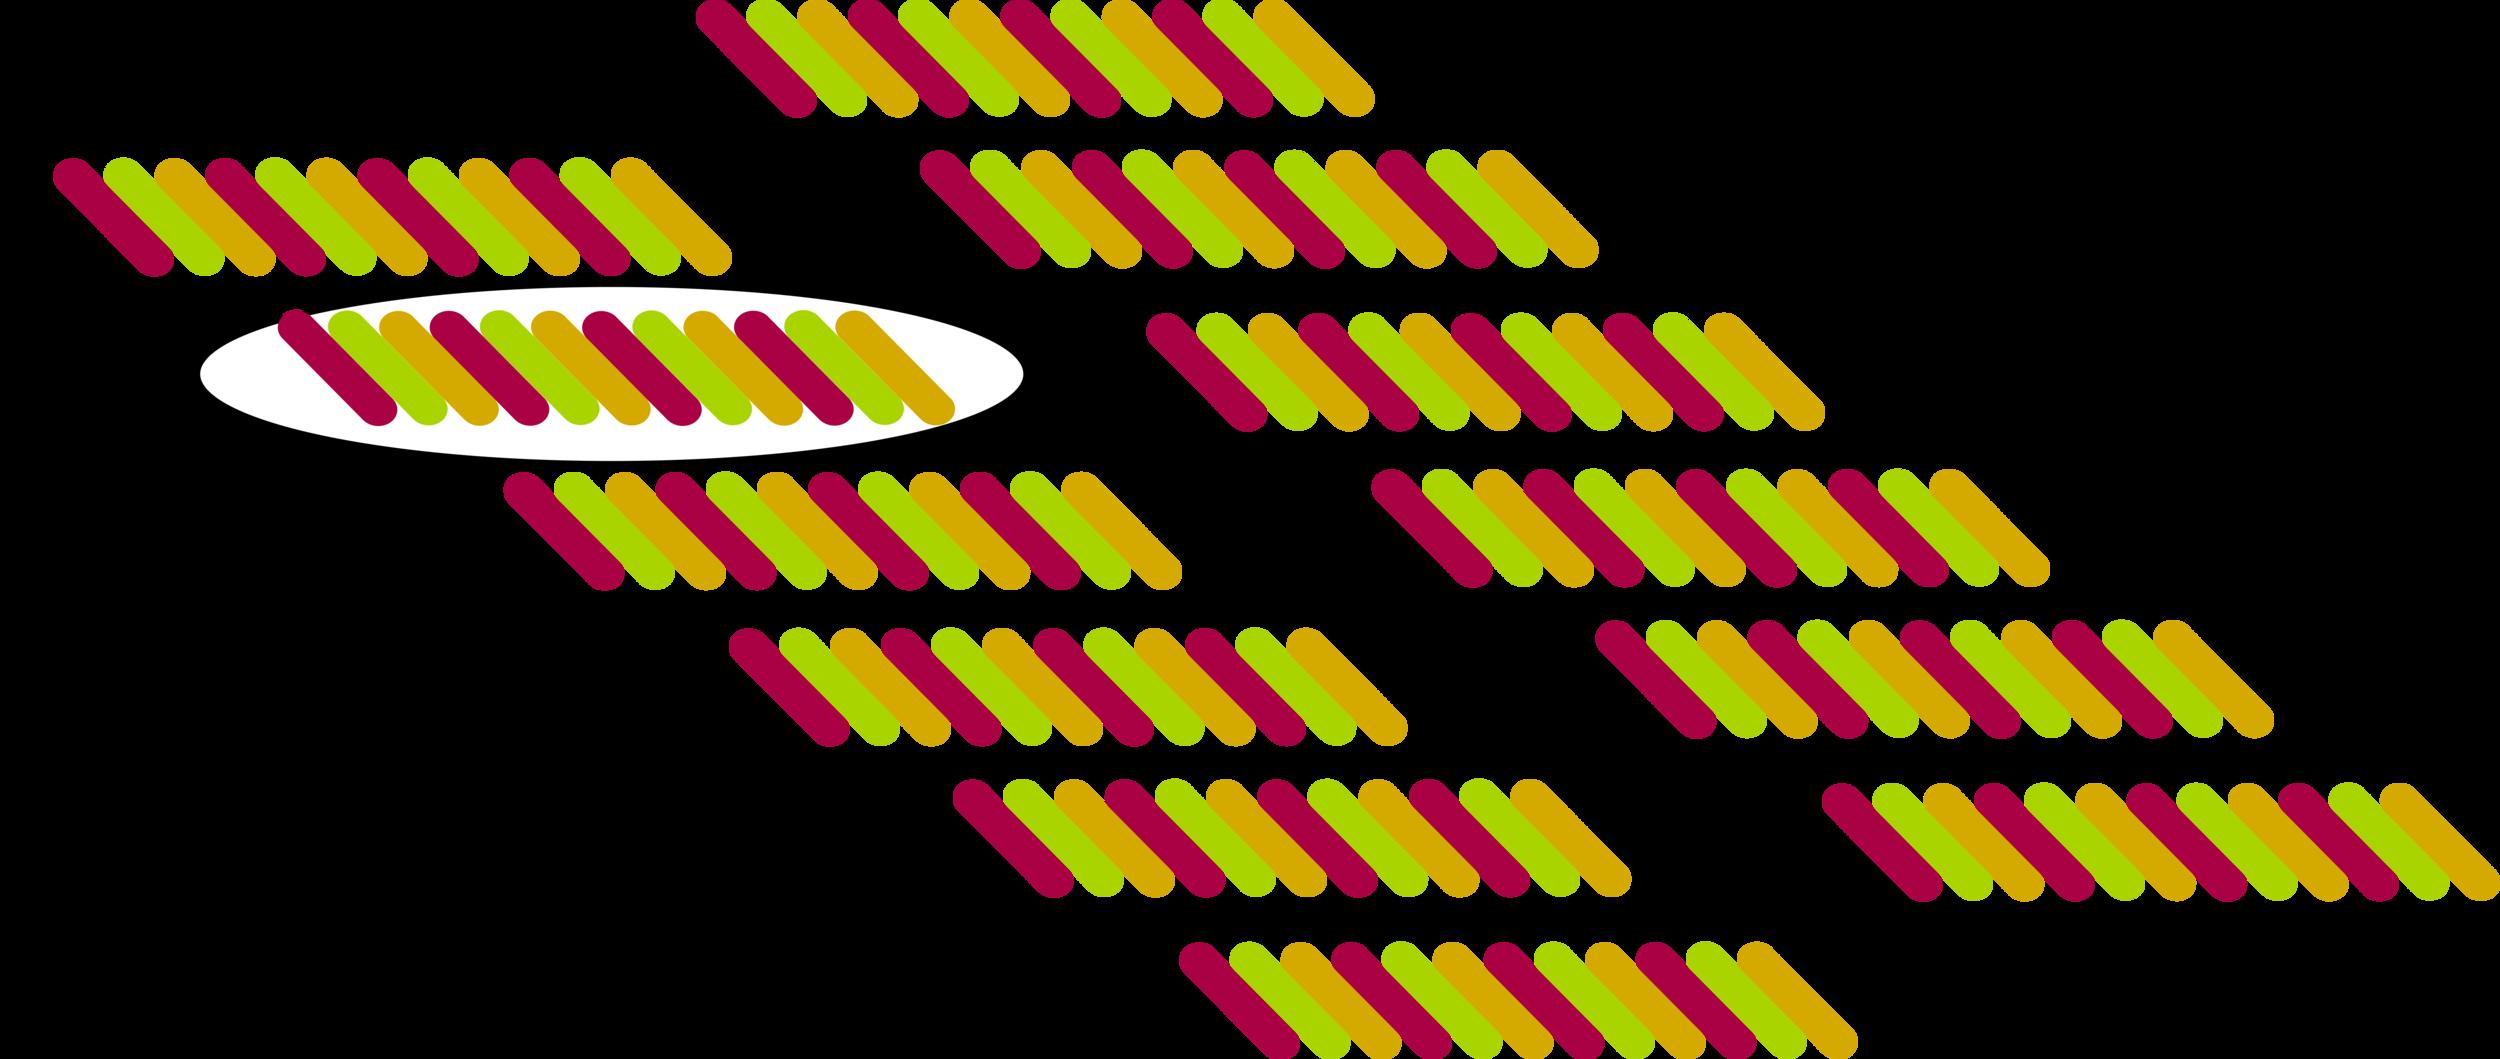 Arrangement of collagen triple helix